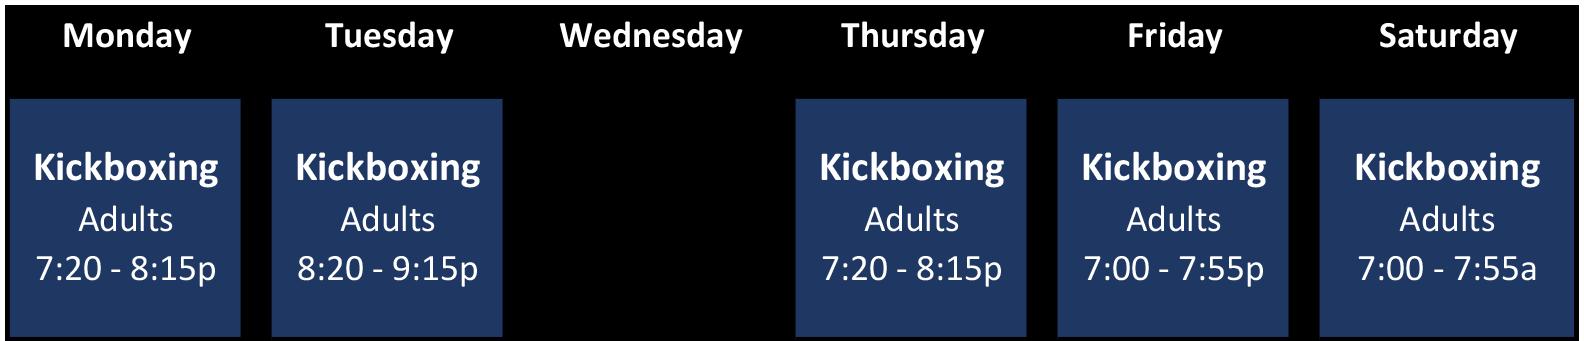 Schedule Effective 04-13-2019 - kickboxing